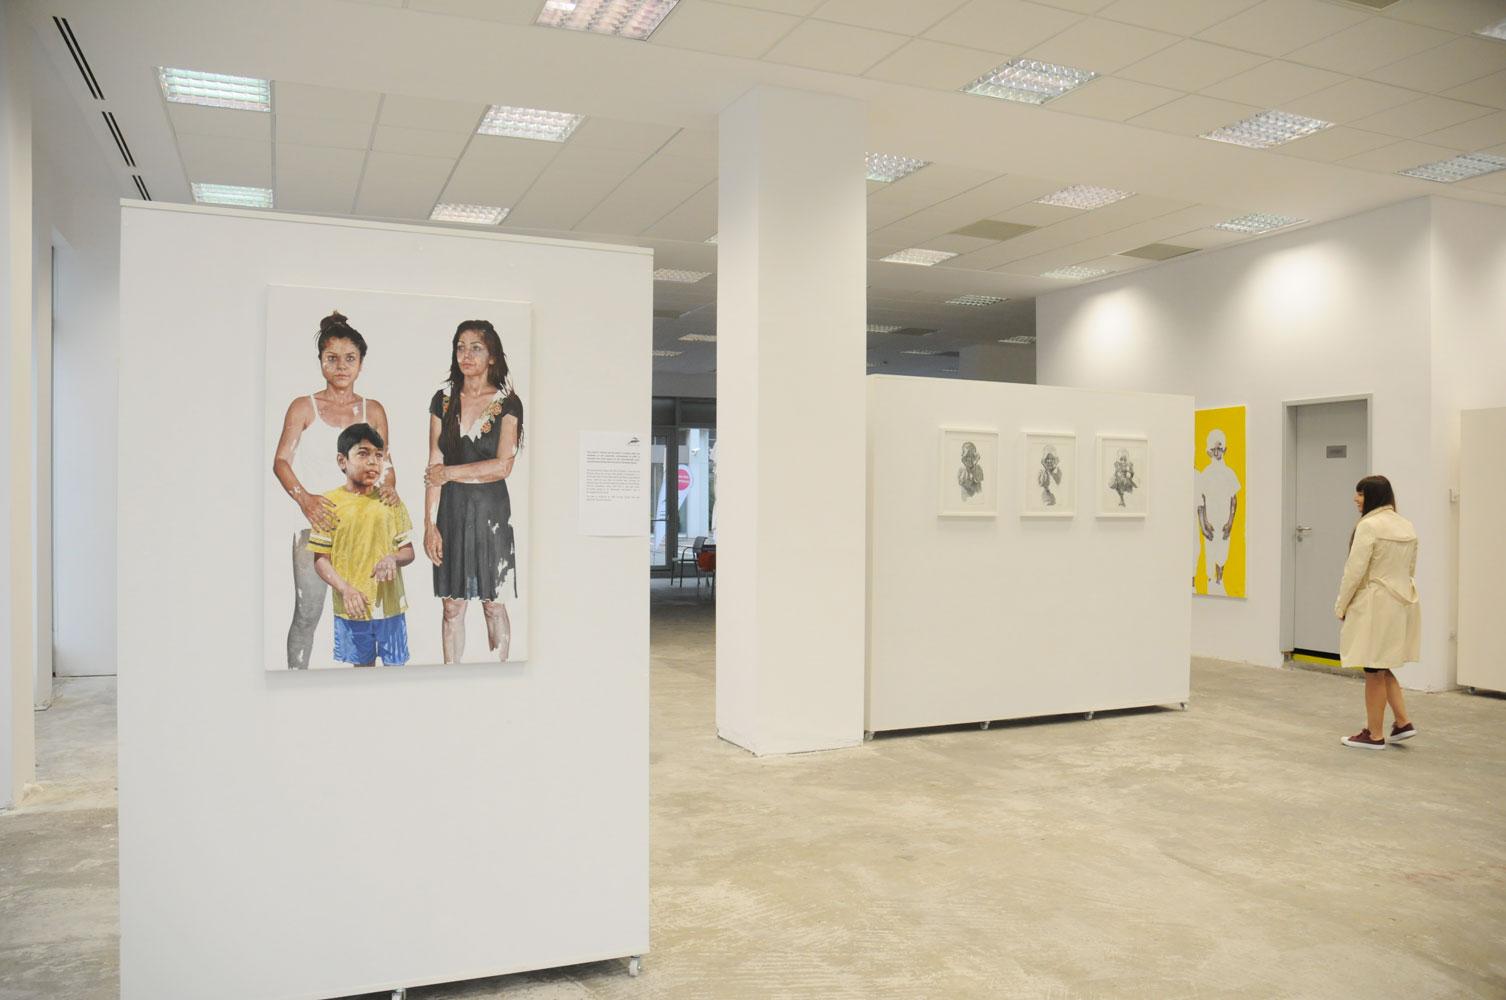 Daniel Brici, solo show Copiii care nu se vad @ Nasui collection & gallery Bucuresti (11)